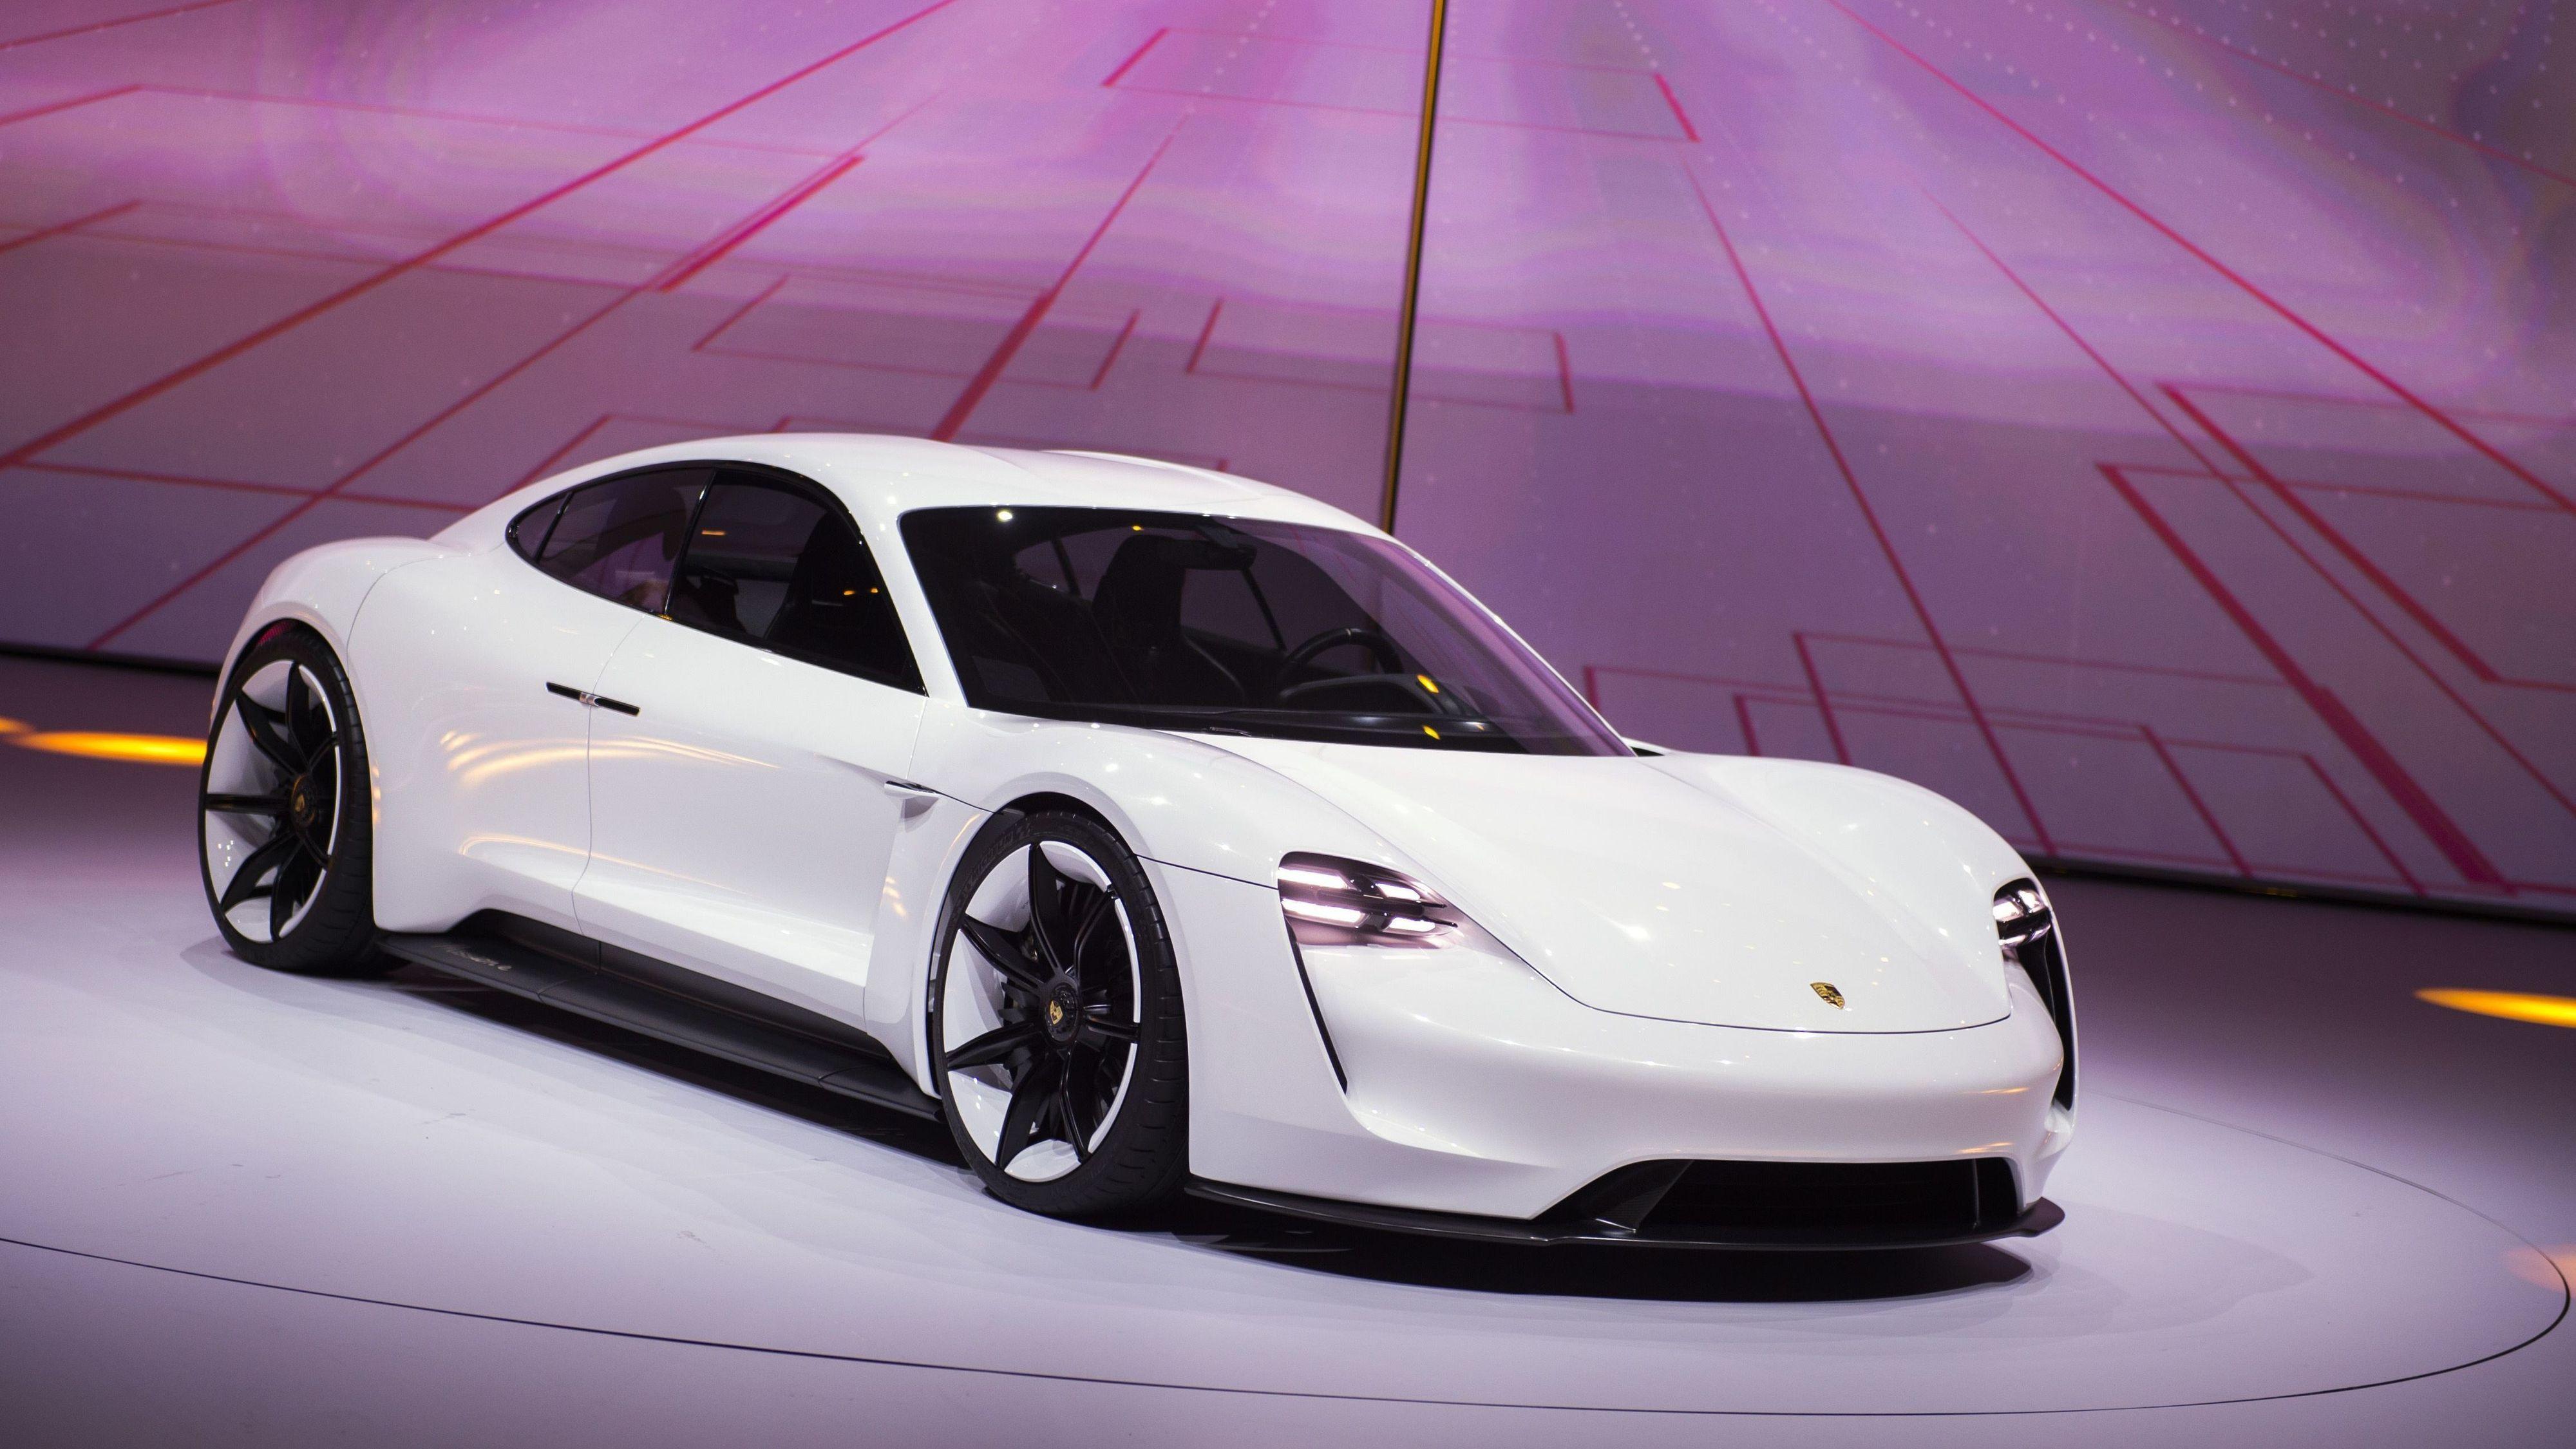 Nesten 2000 nordmenn har forhåndsbestilt Porsche-elbilen